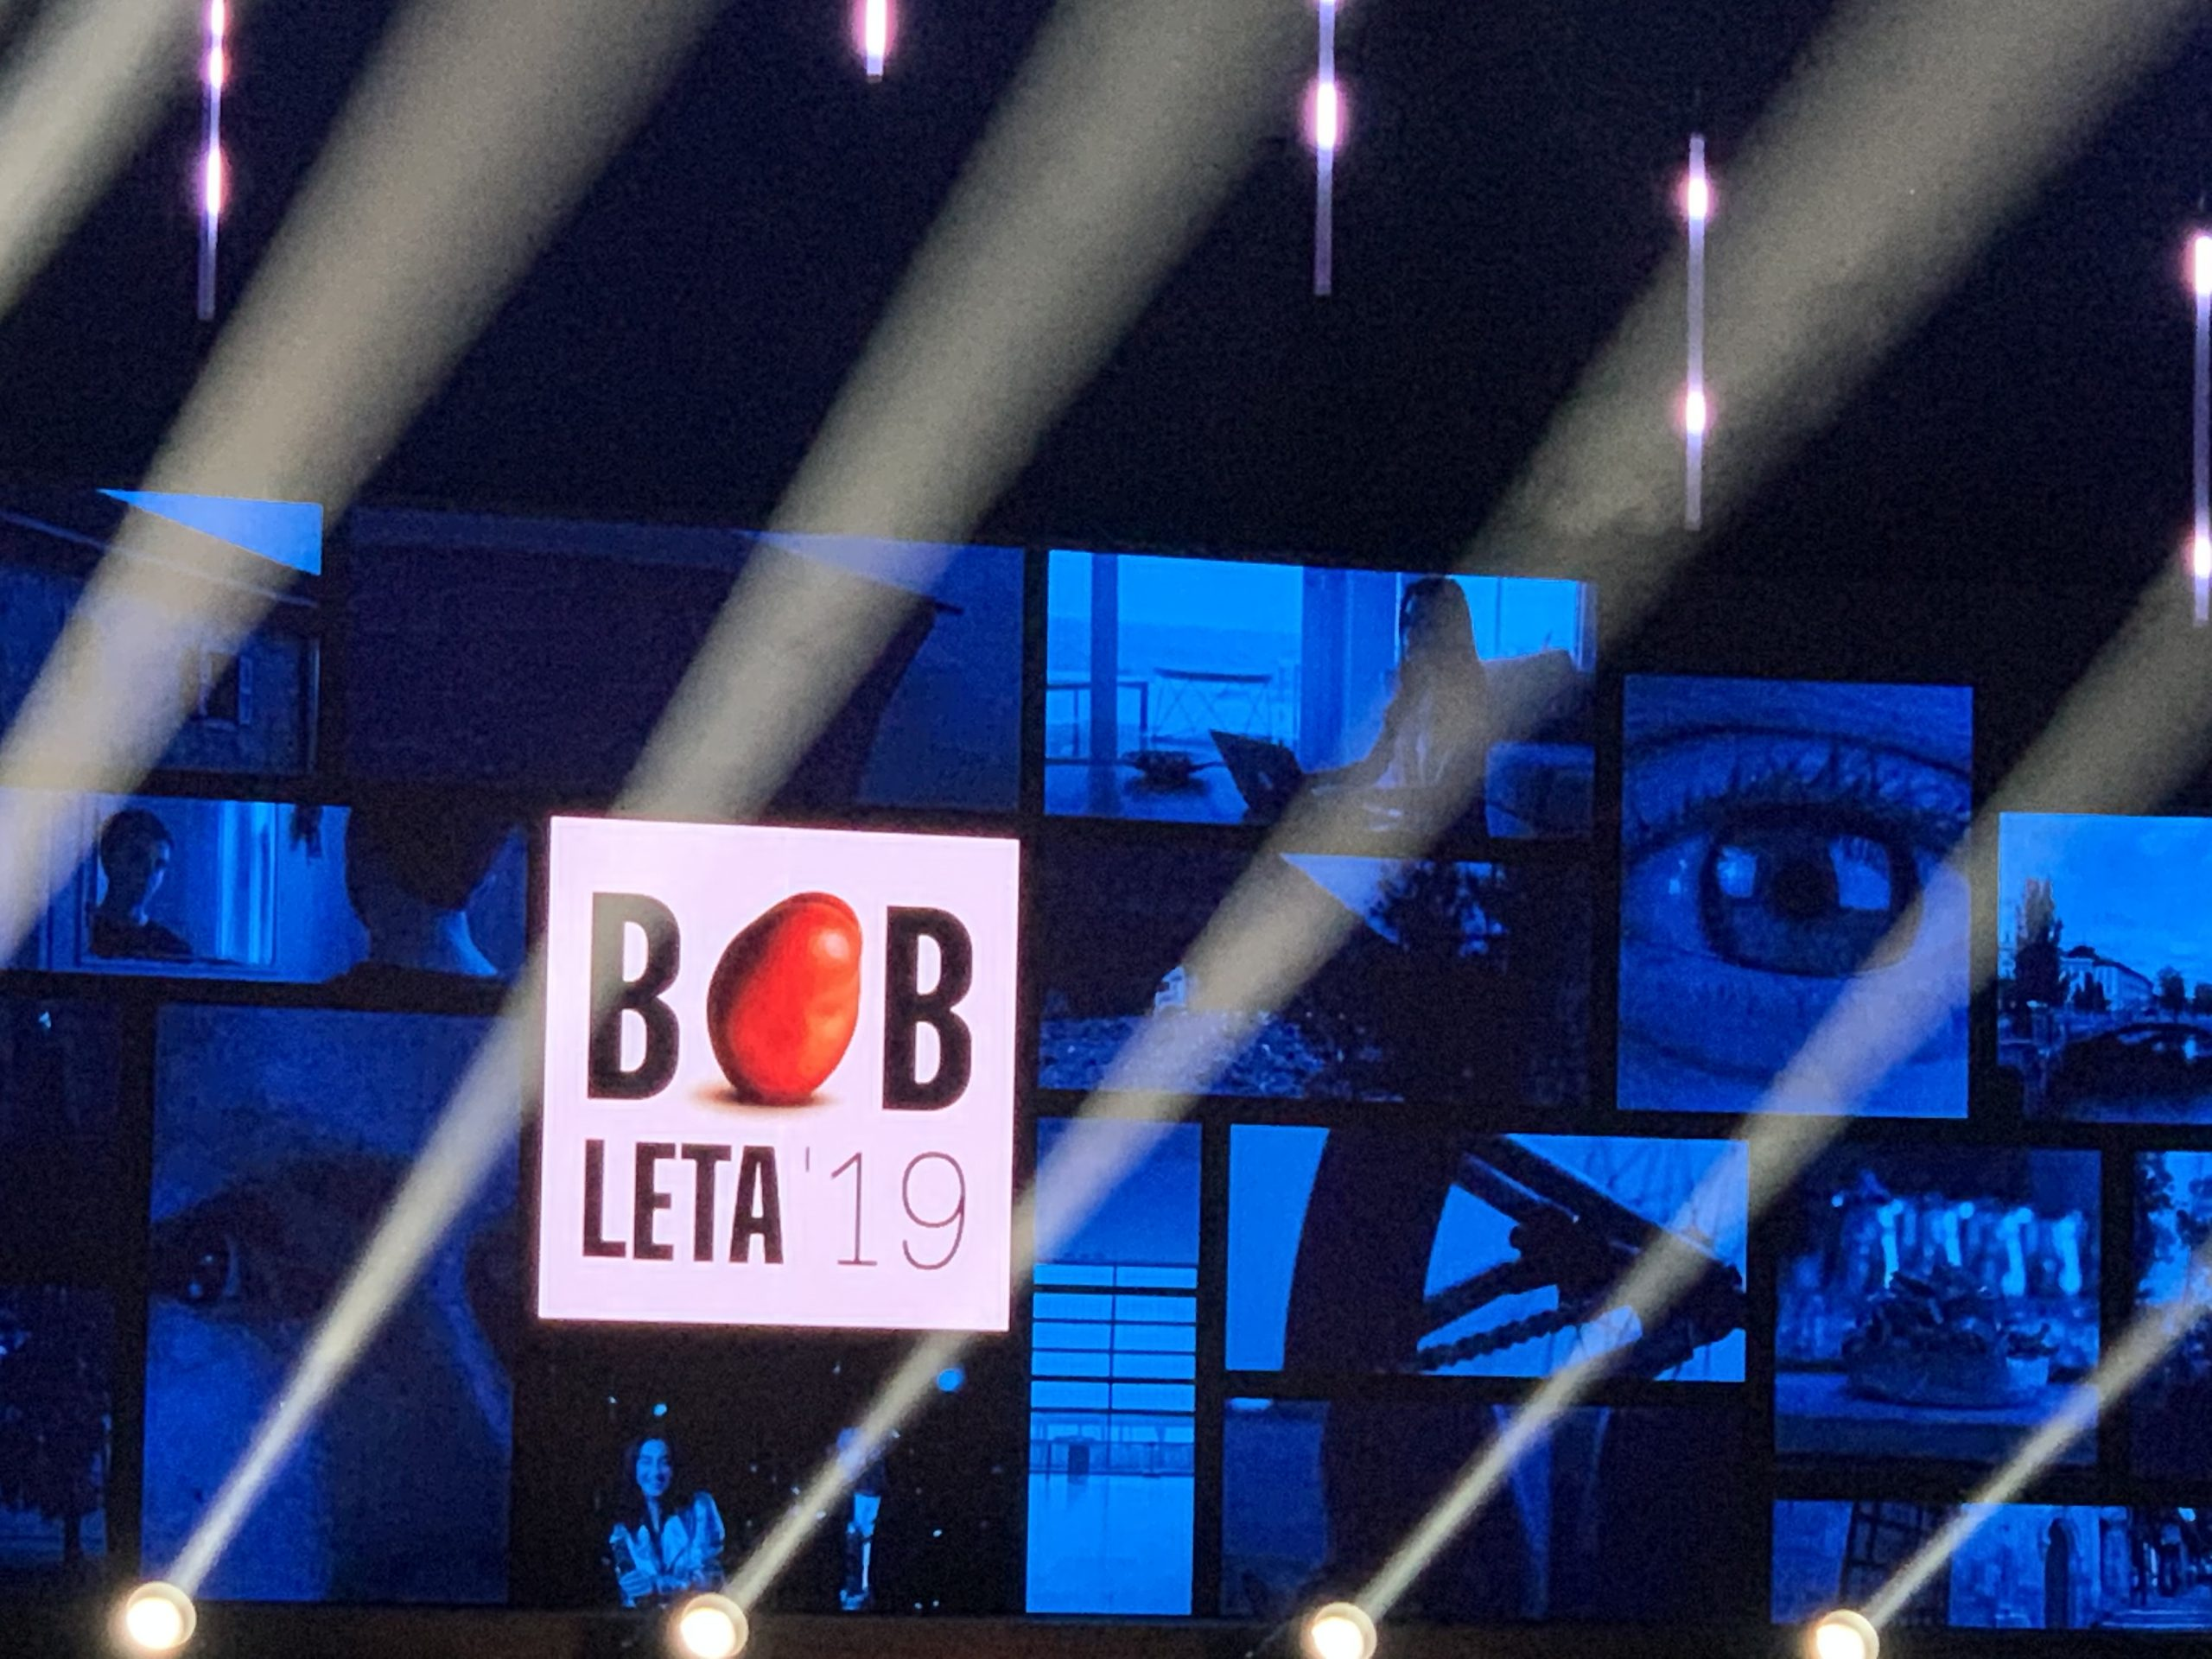 Bob leta Ninni Kozorog